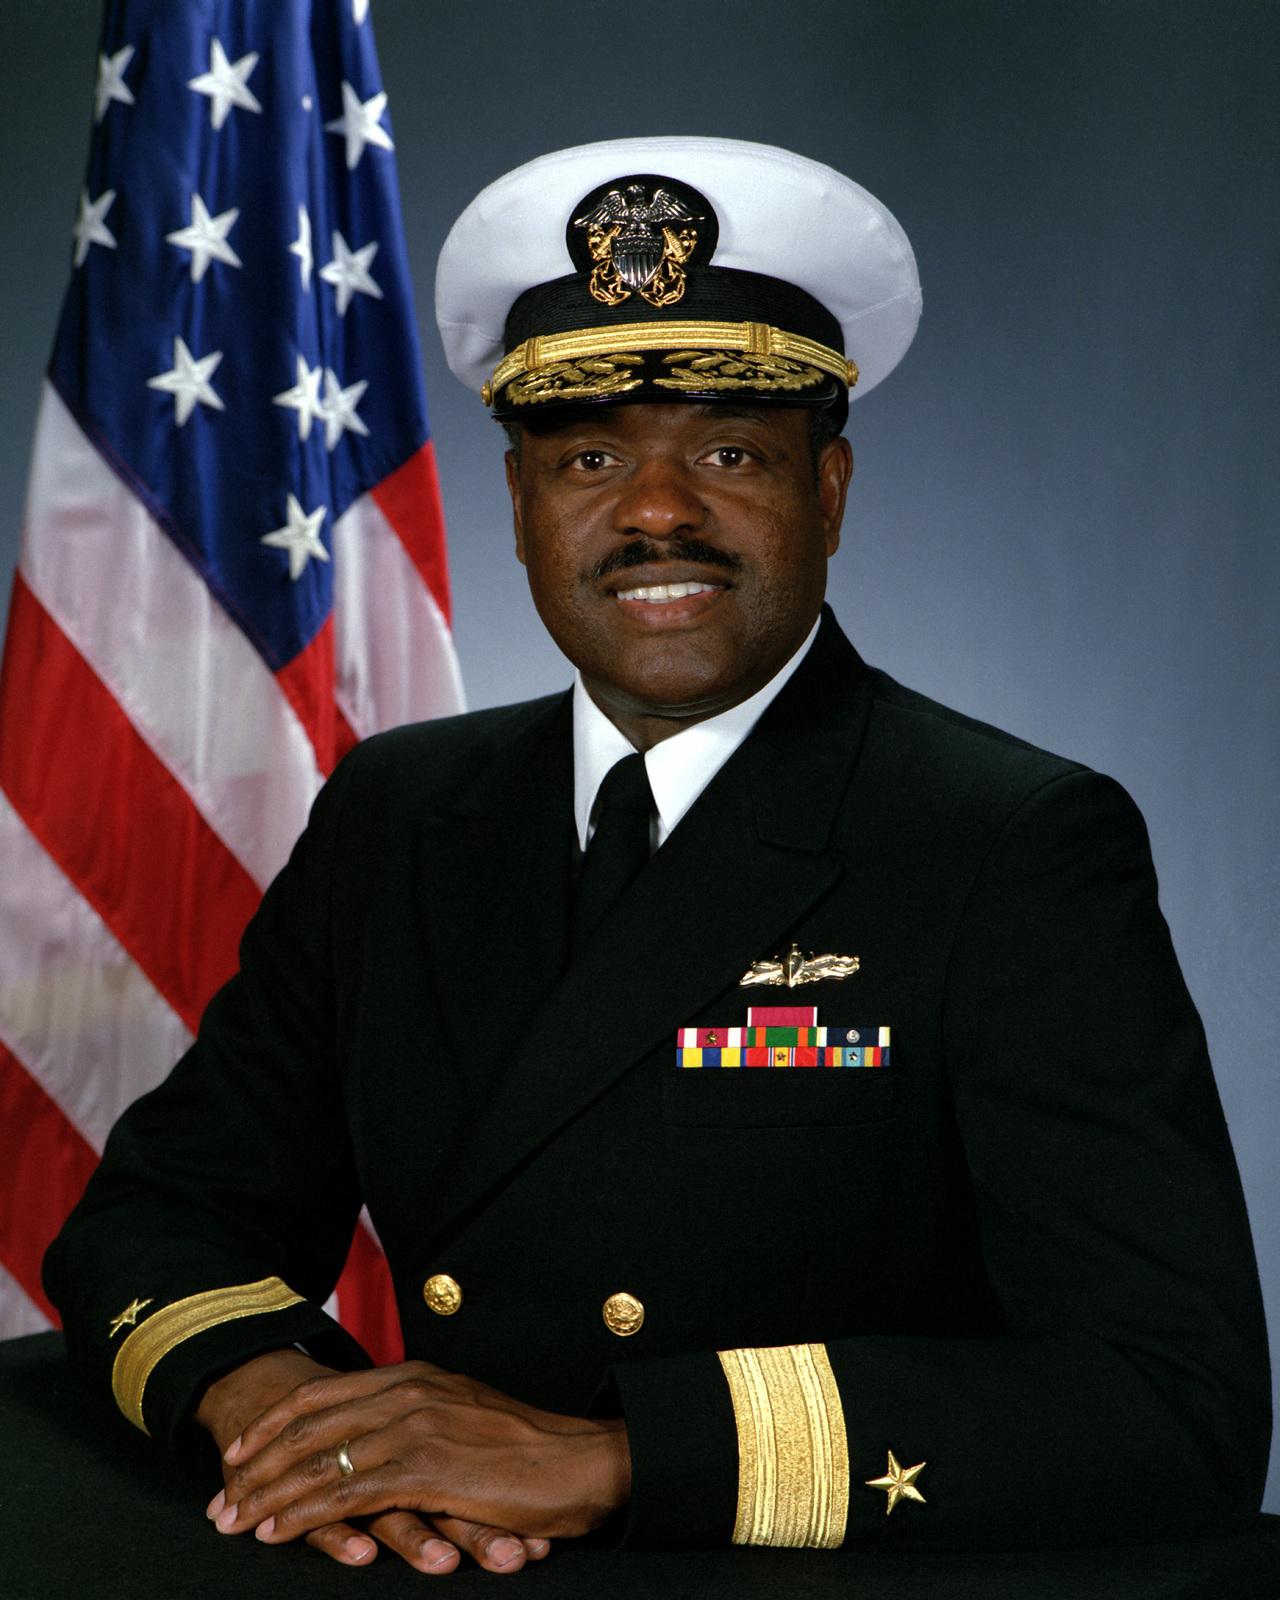 Rear Admiral (lower half) David L. Brewer, III, USN